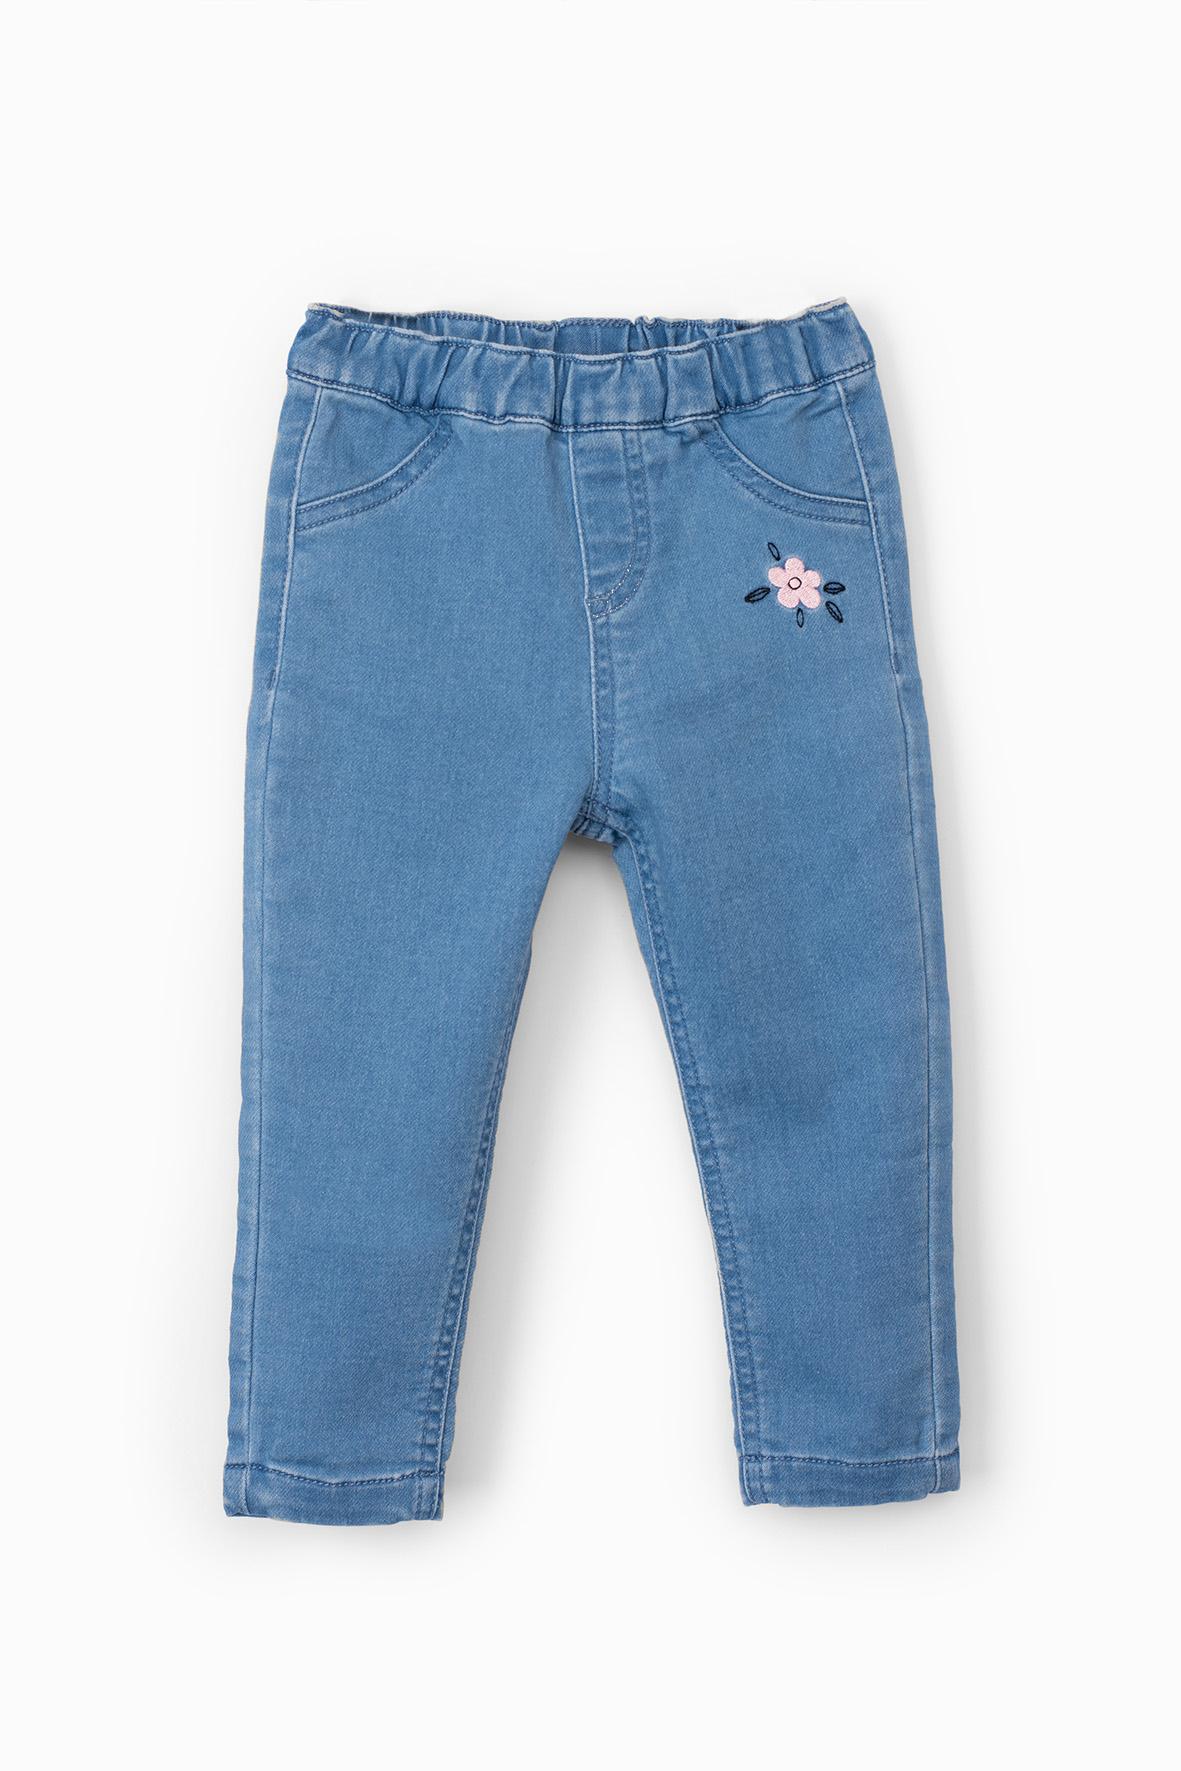 Jegginsy -spodnie dla dziewczynki 6L4001